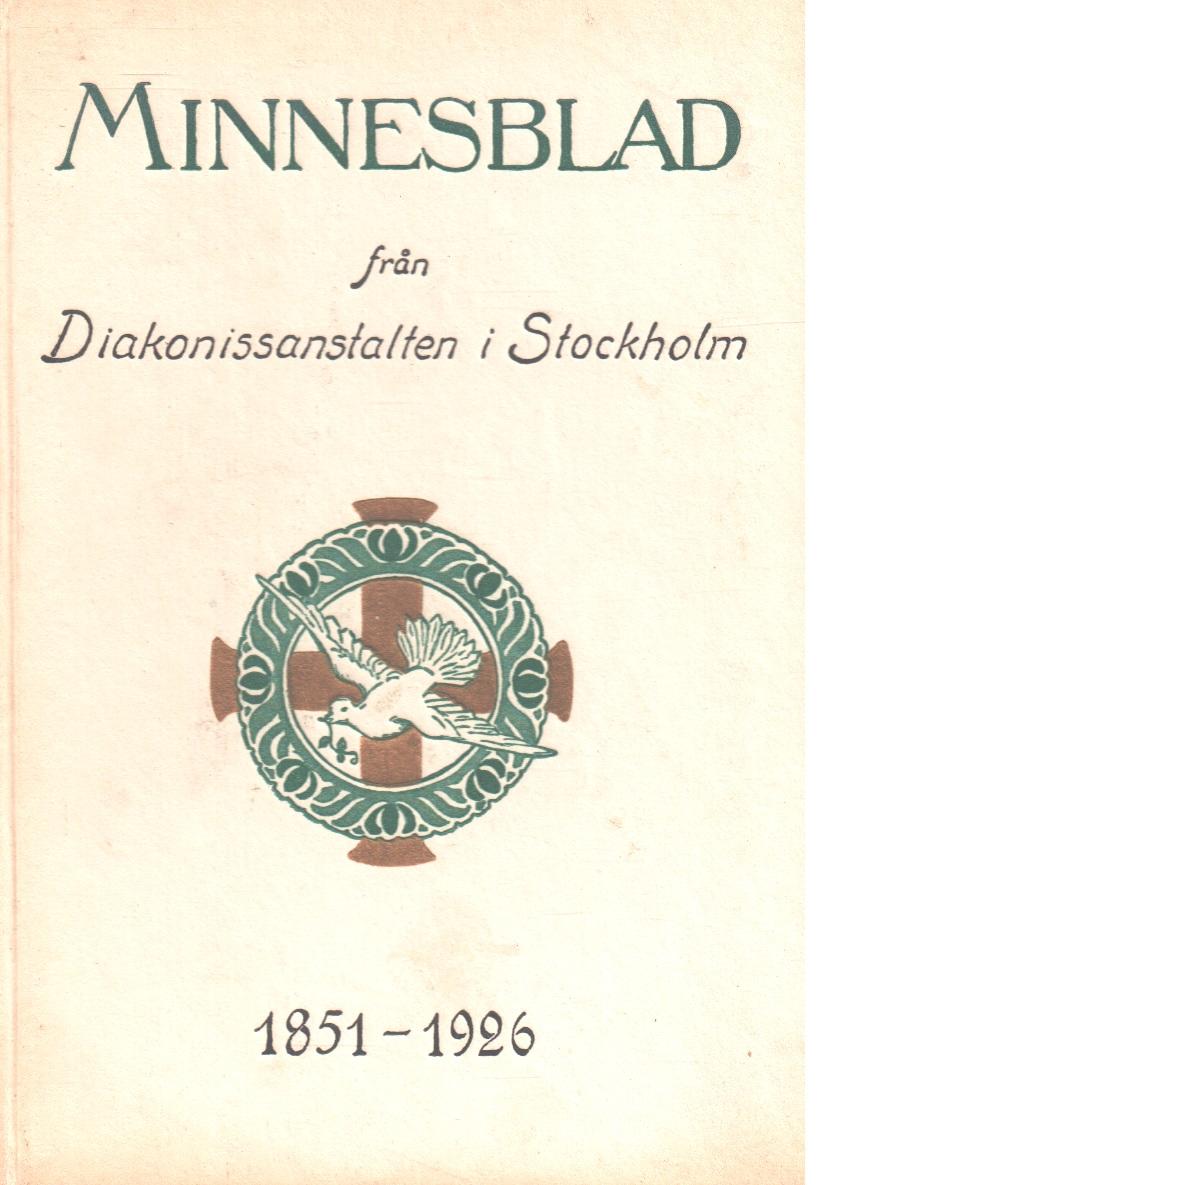 Minnesblad från Diakonissanstalten i Stockholm 1851-1926 - Norrby, Johannes